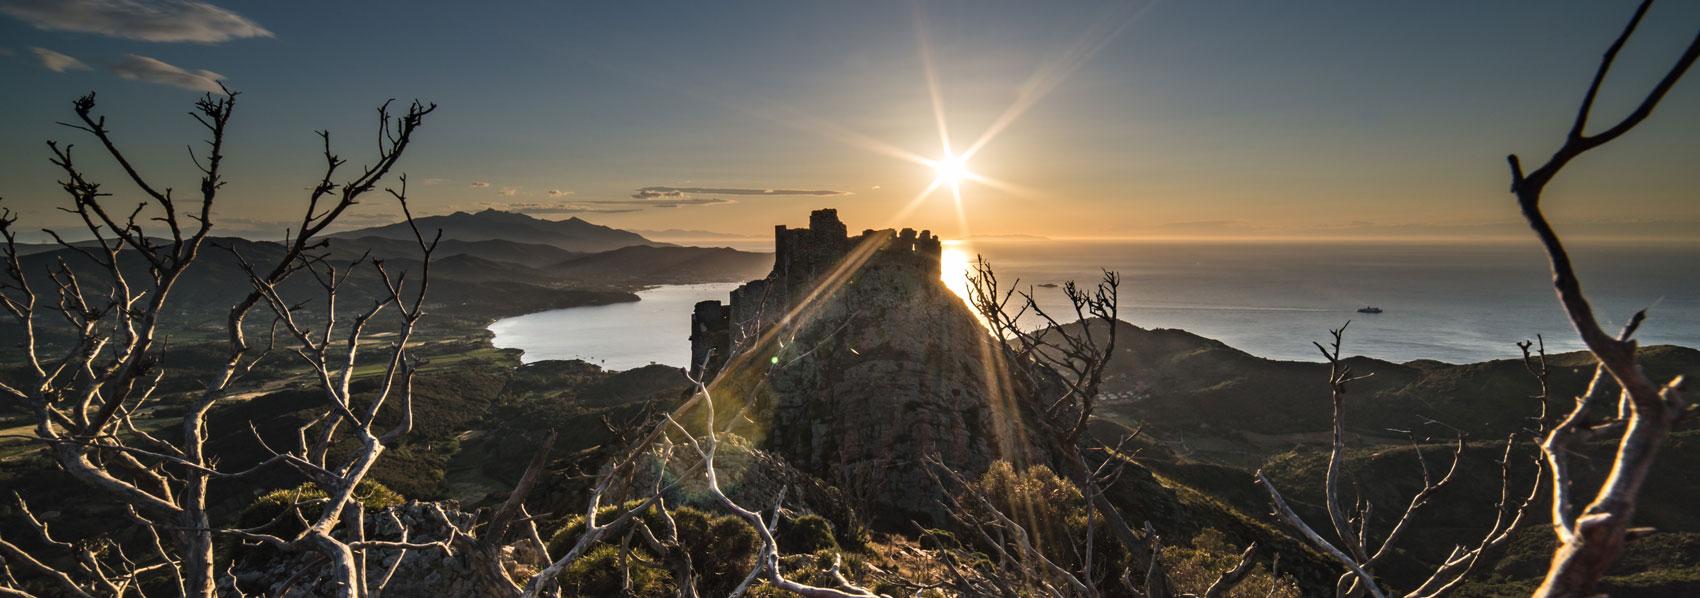 Isola d'Elba trekking